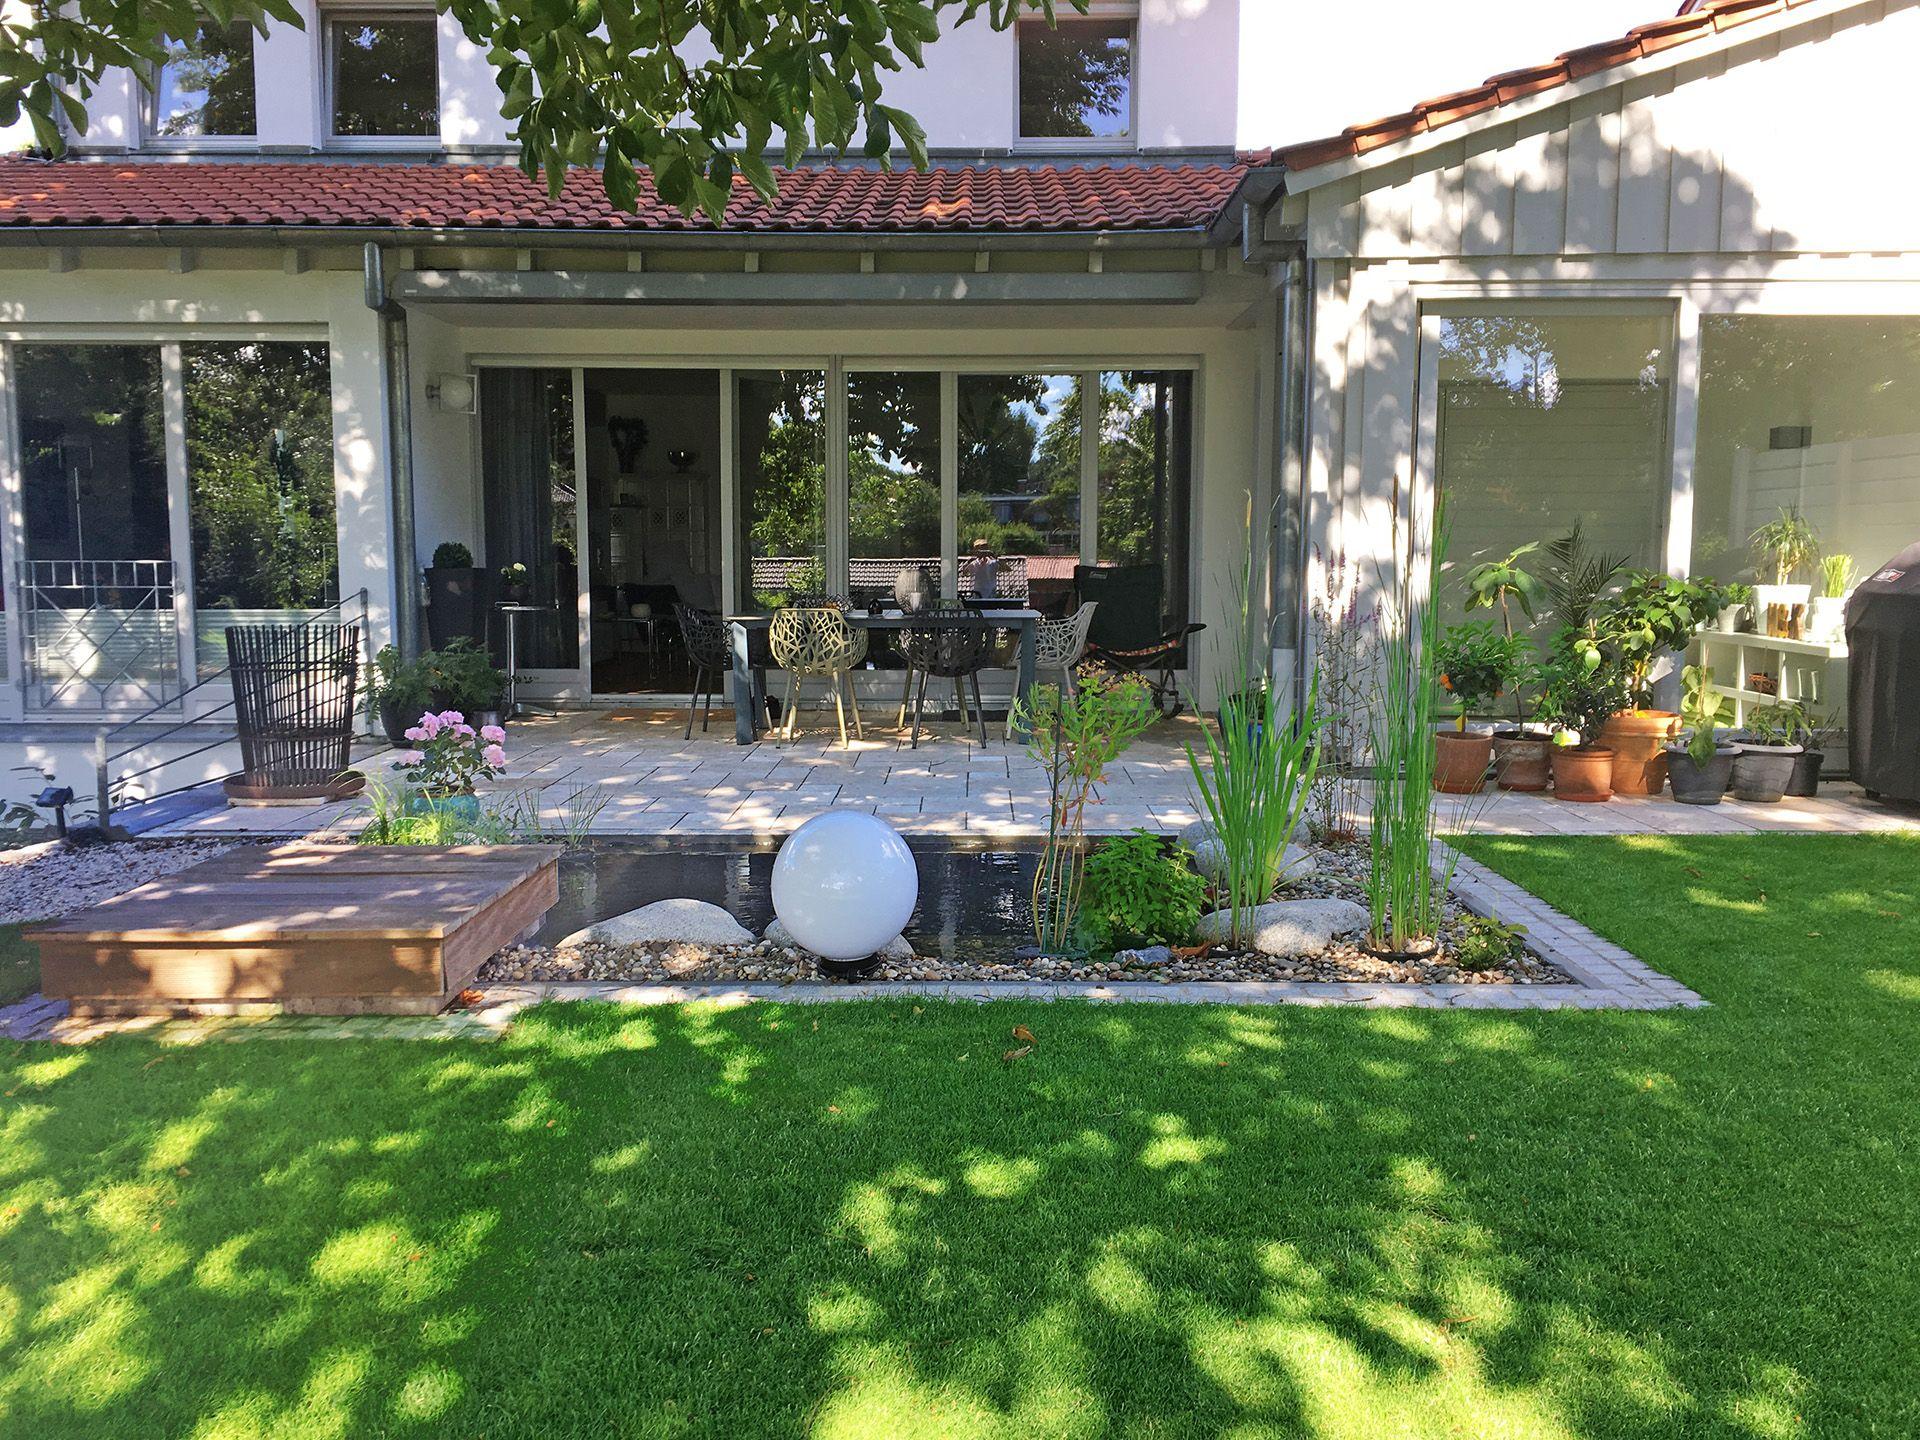 Gartenteiche an terrasse  Kleiner Gartenteich an einer Terrasse aus travertin. Ein ...